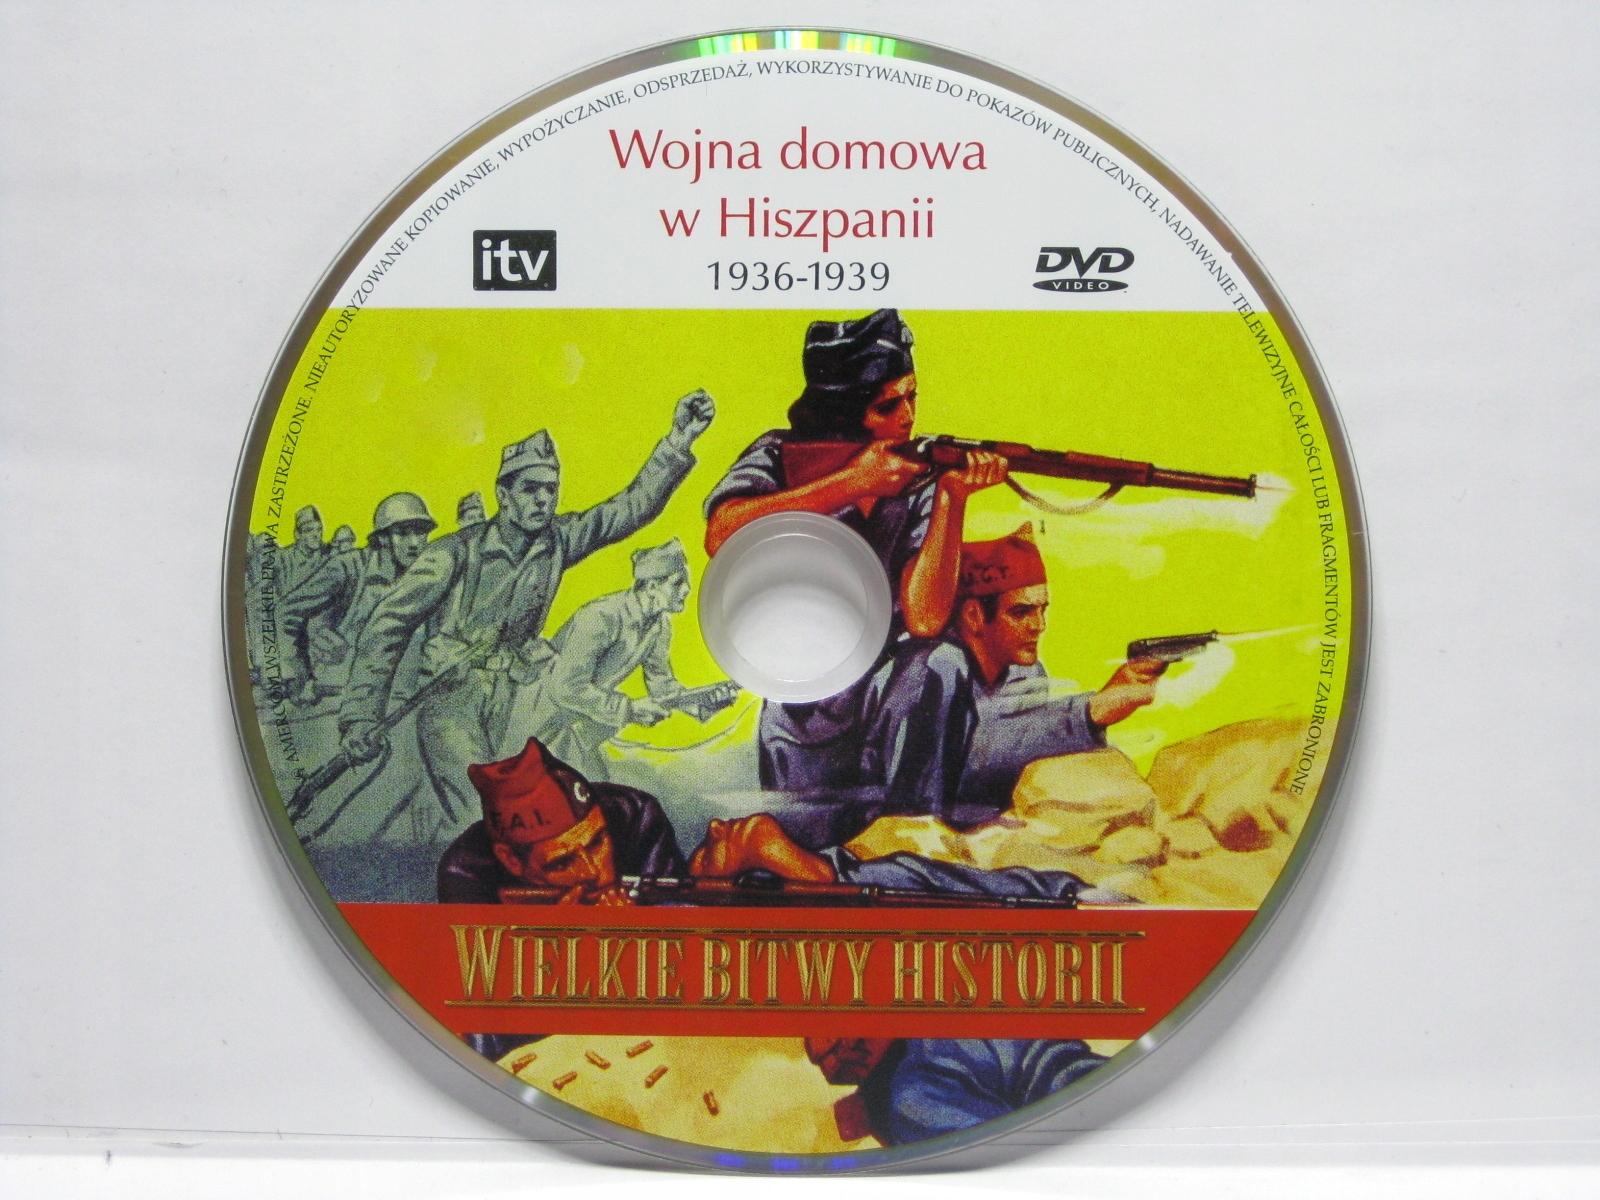 Wielkie bitwy historii - Wojna domowa w Hiszpanii